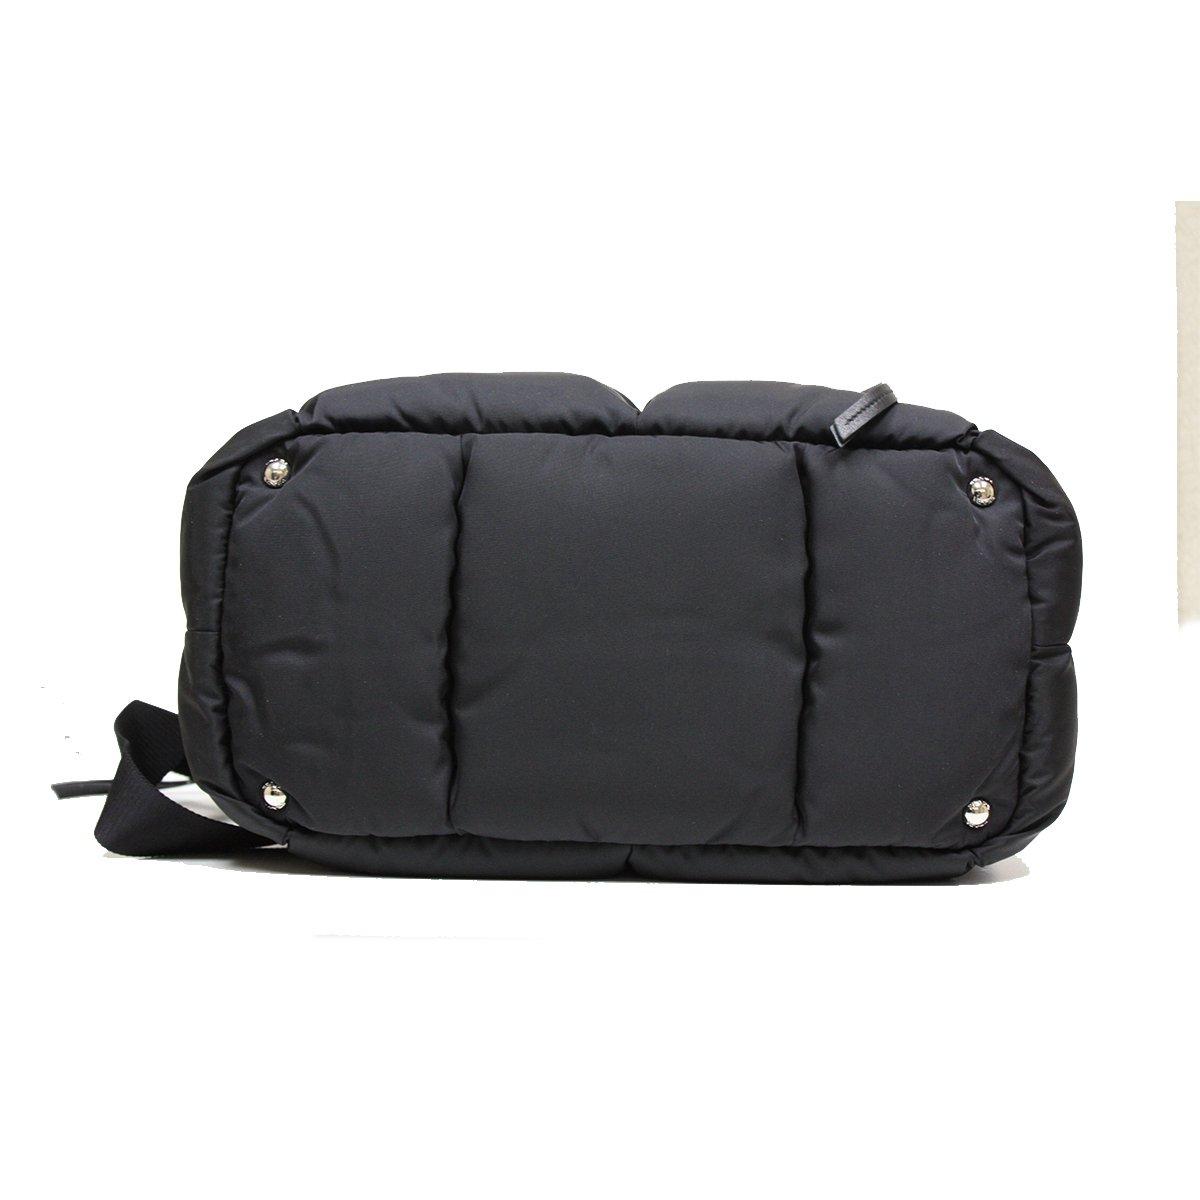 78431730b5abbc Prada Tessuto Bomber Black Nylon Shopping Travel Tote Baby Diaper Bag BN2617:  Amazon.ca: Shoes & Handbags